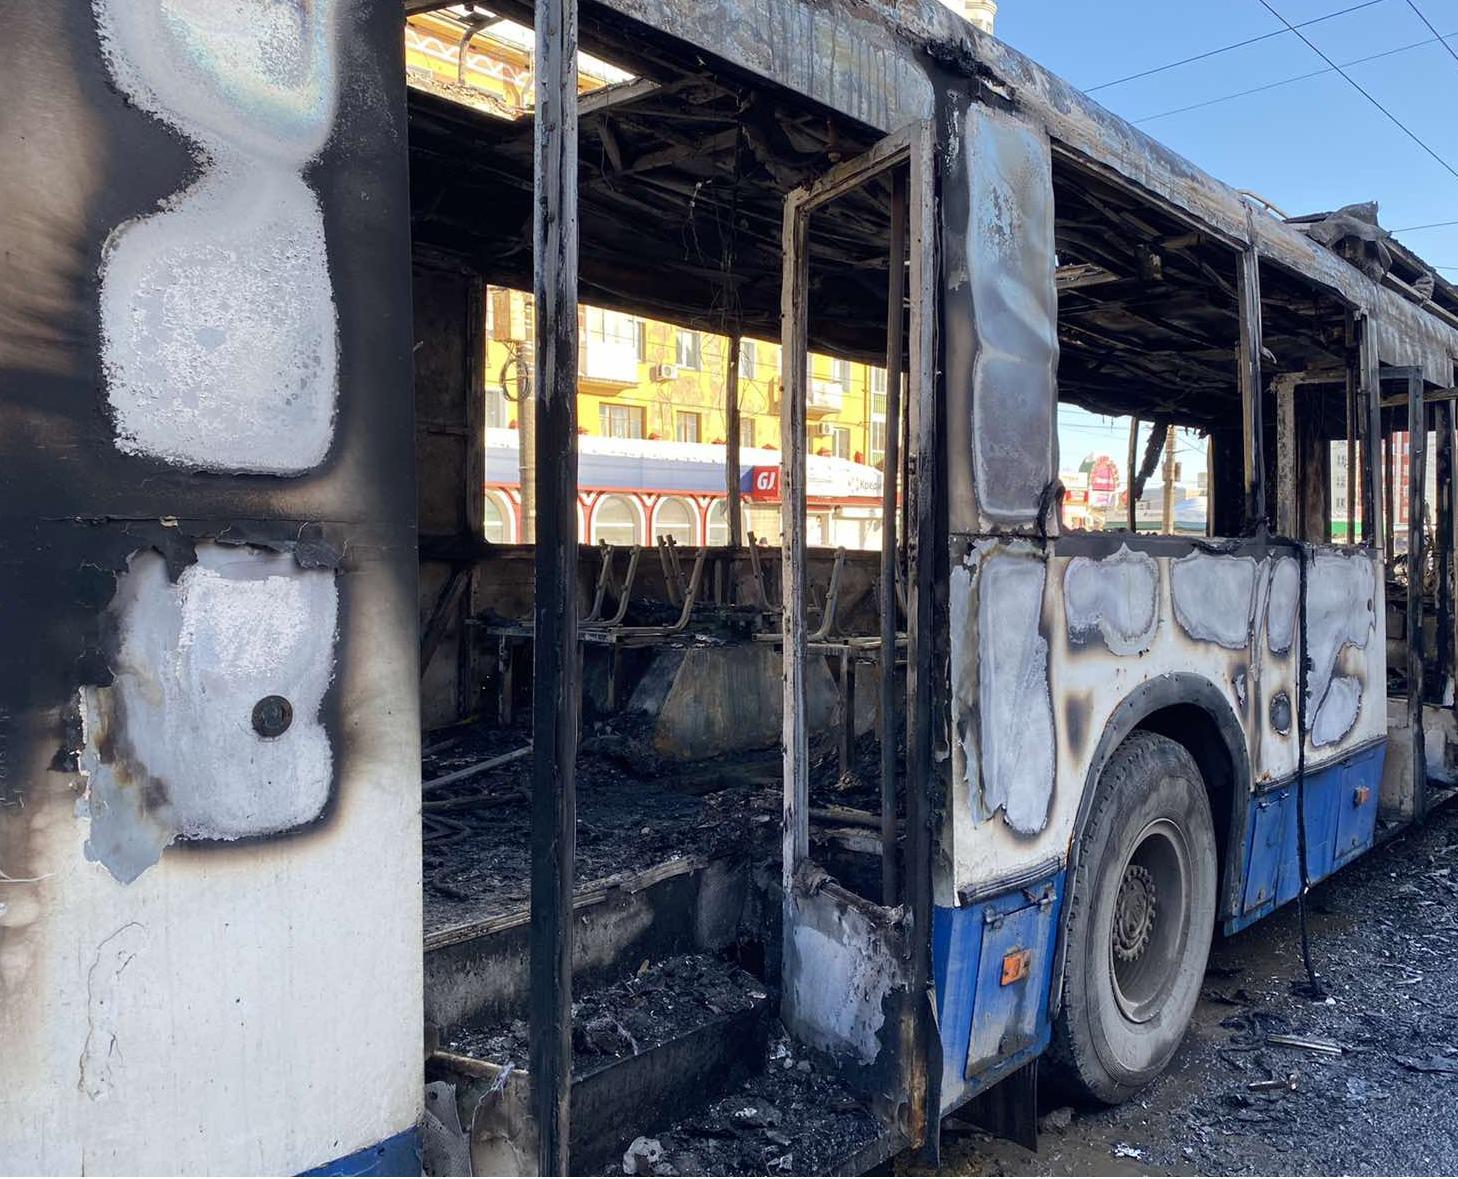 Благодаря кондуктору и водителю в загоревшемся троллейбусе никто не пострадал